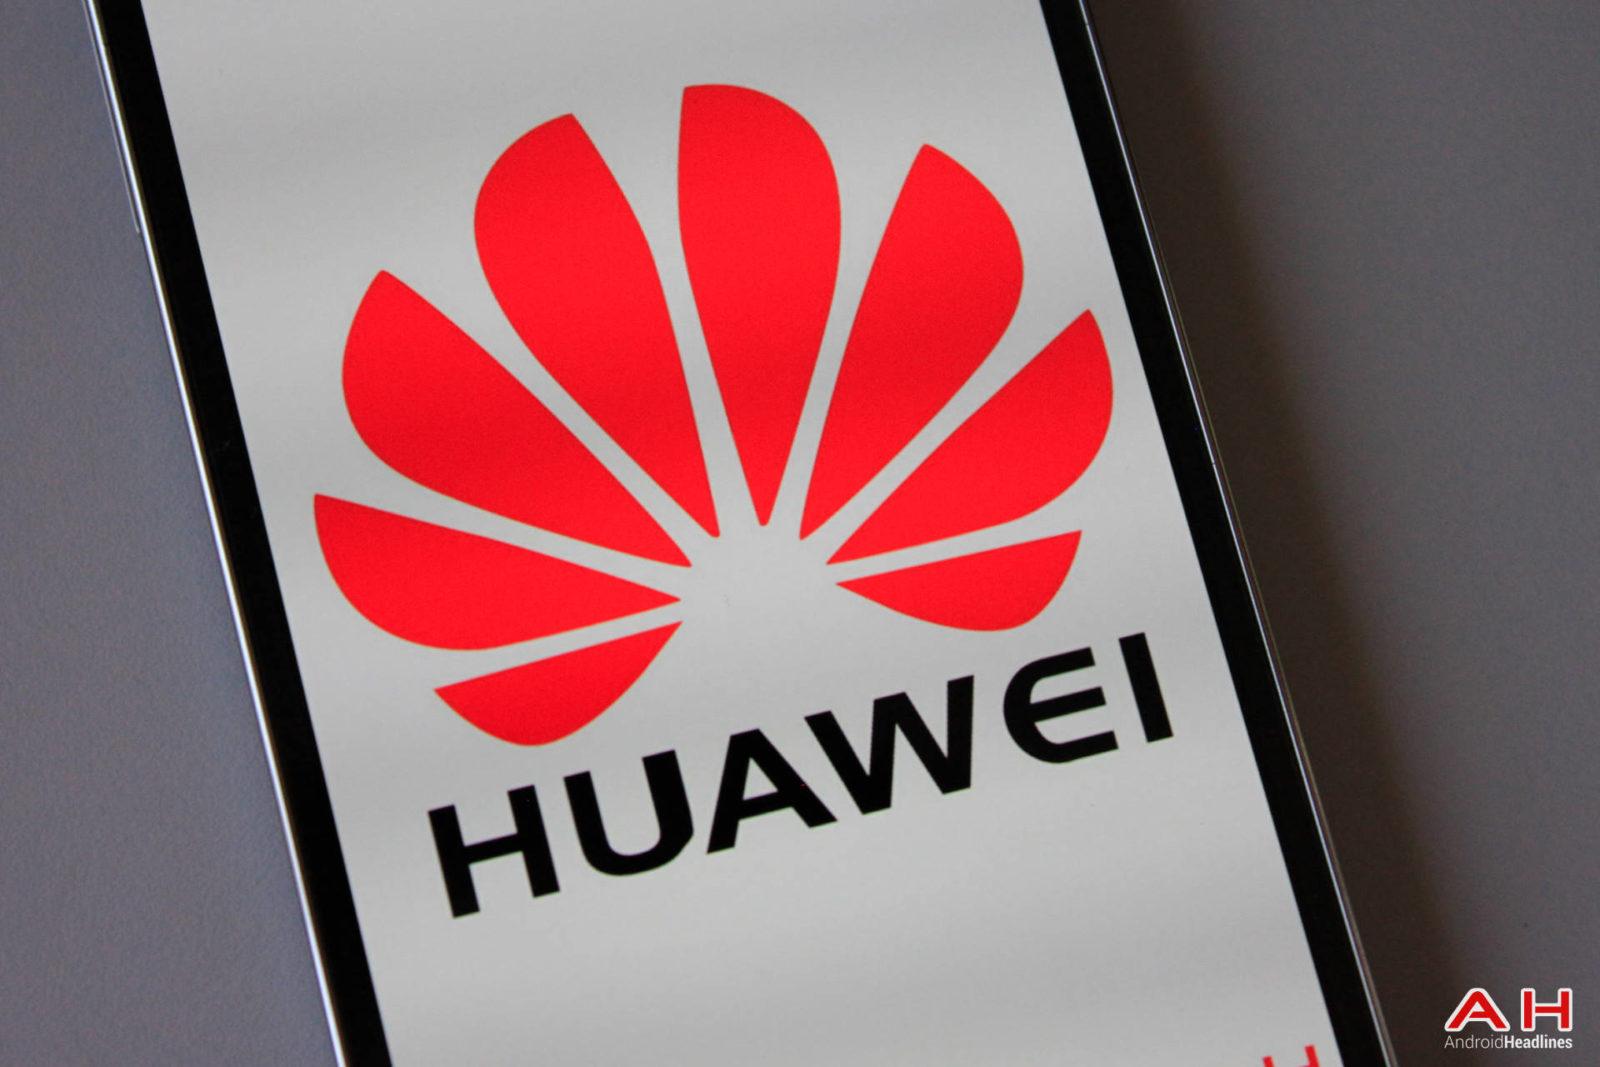 AH Huawei Logo 1.3